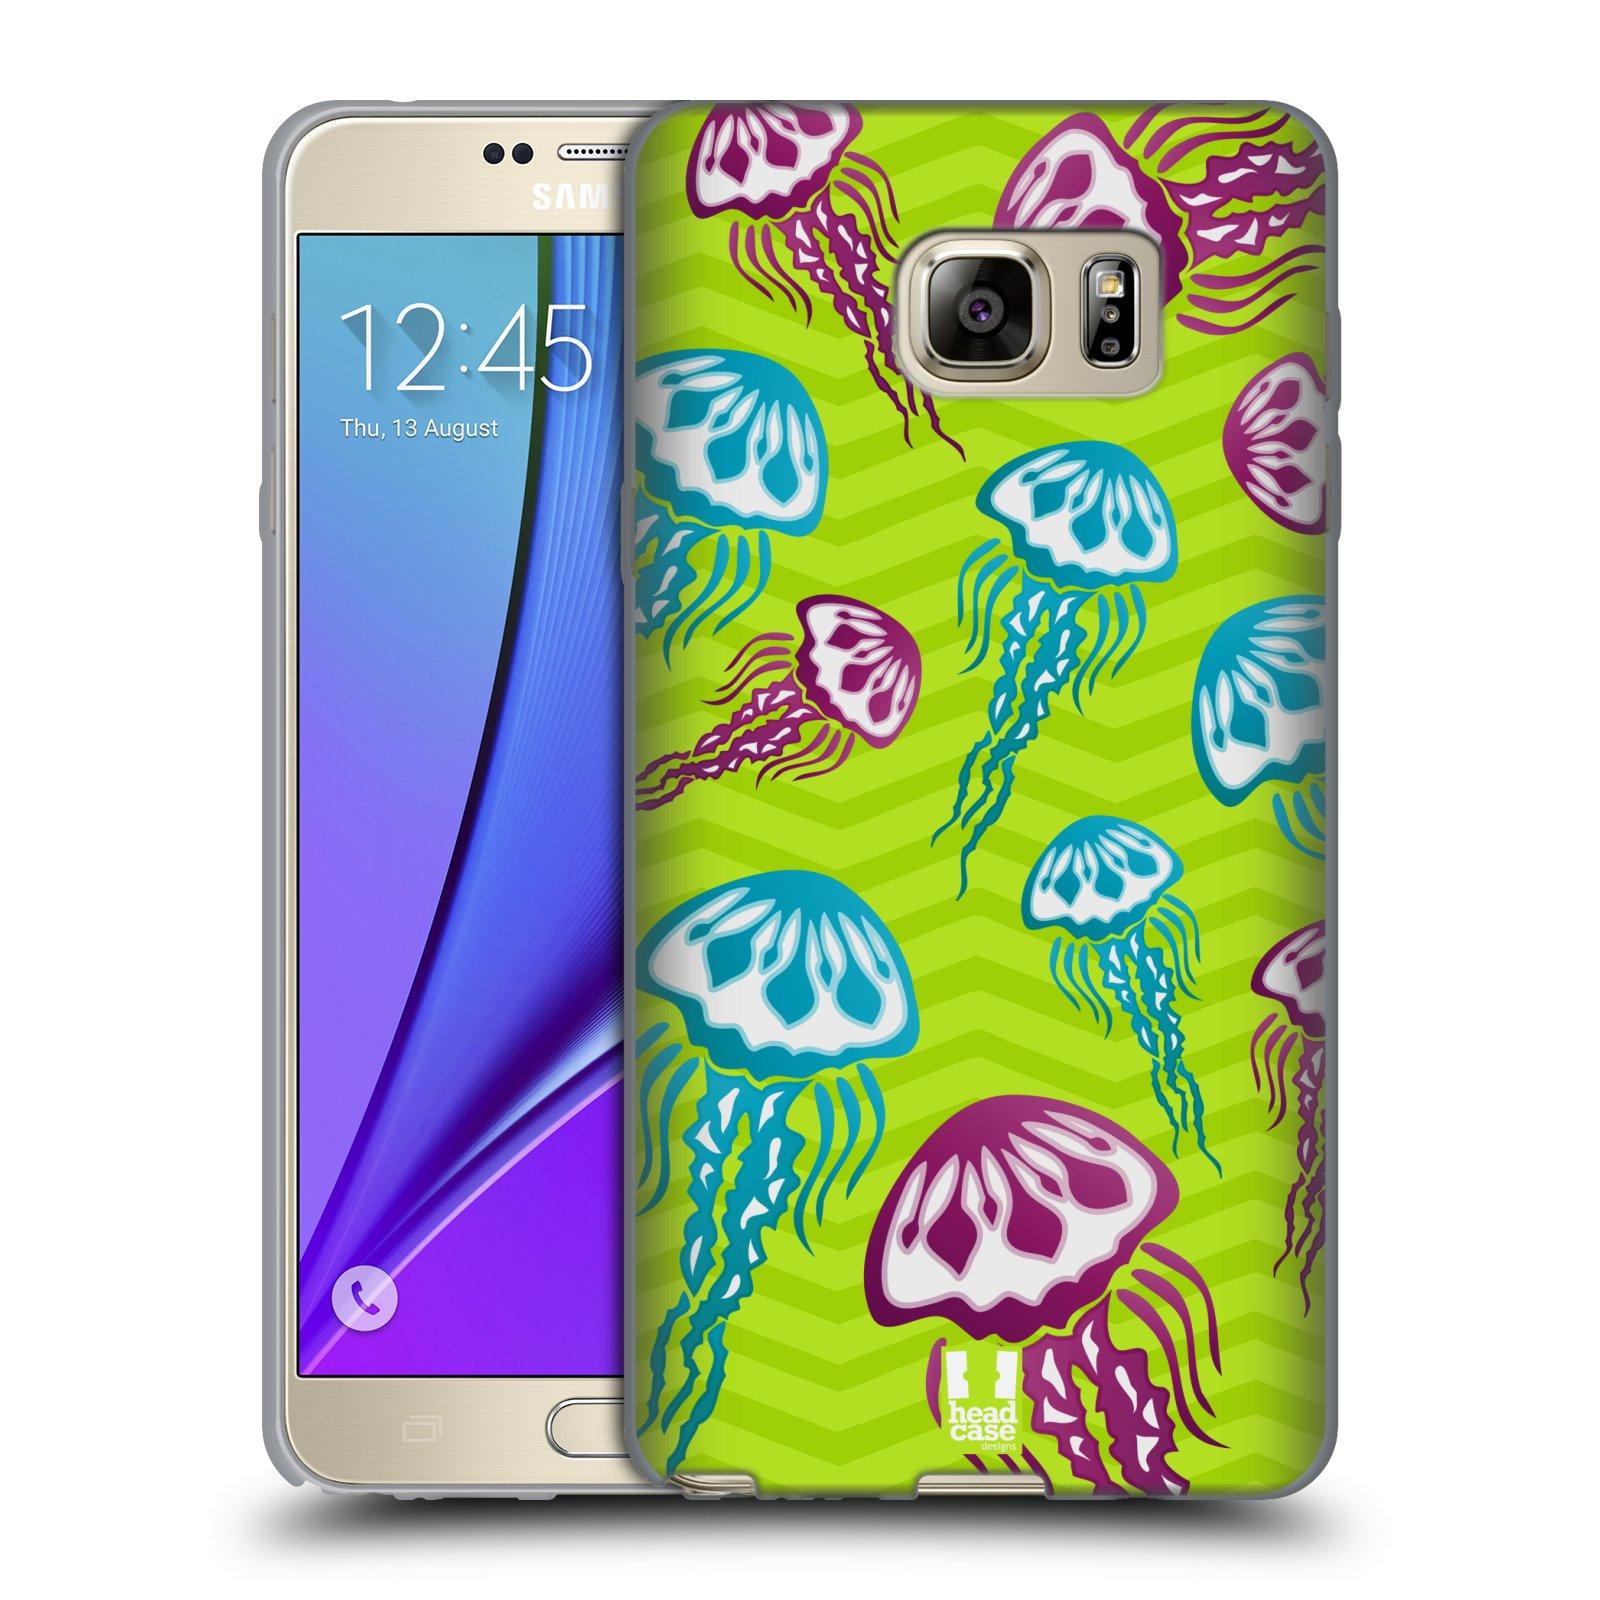 HEAD CASE silikonový obal na mobil Samsung Galaxy Note 5 (N920) vzor mořský živočich medůza